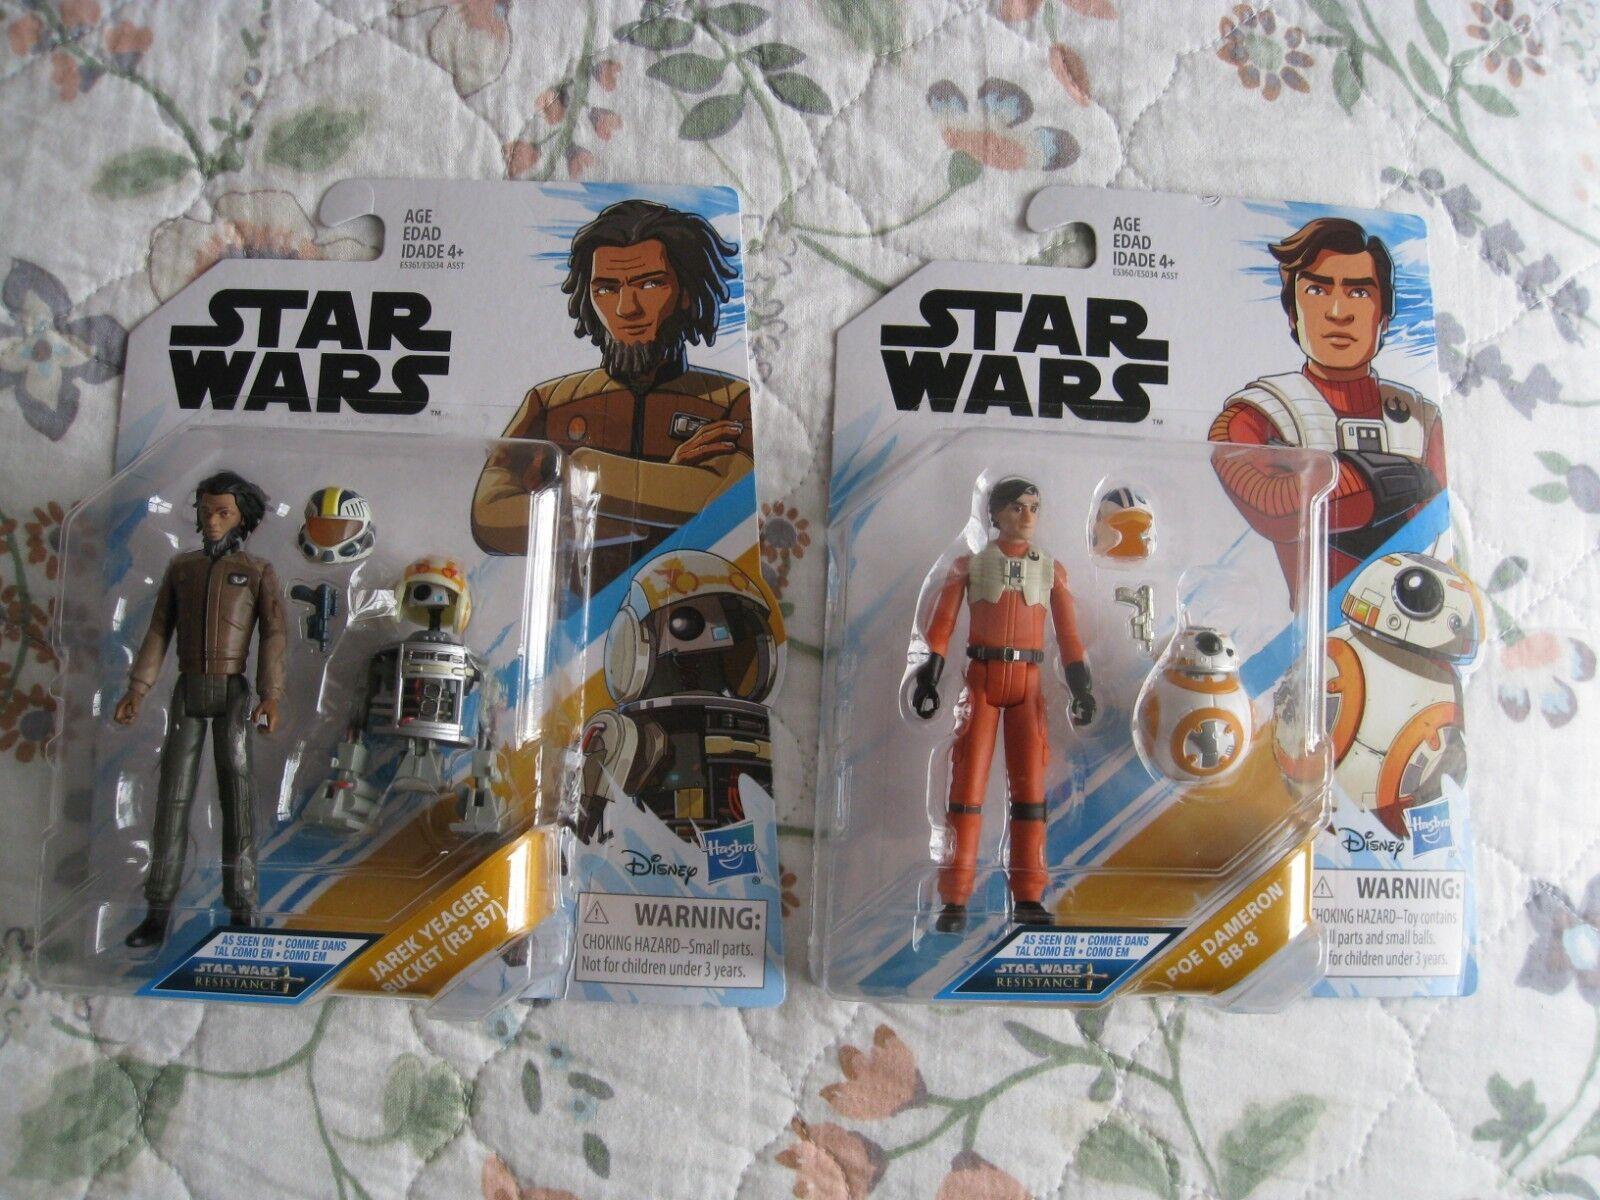 Star - wars - widerstand poe dameron & bb-8 mit jarek yeager & r3-b7